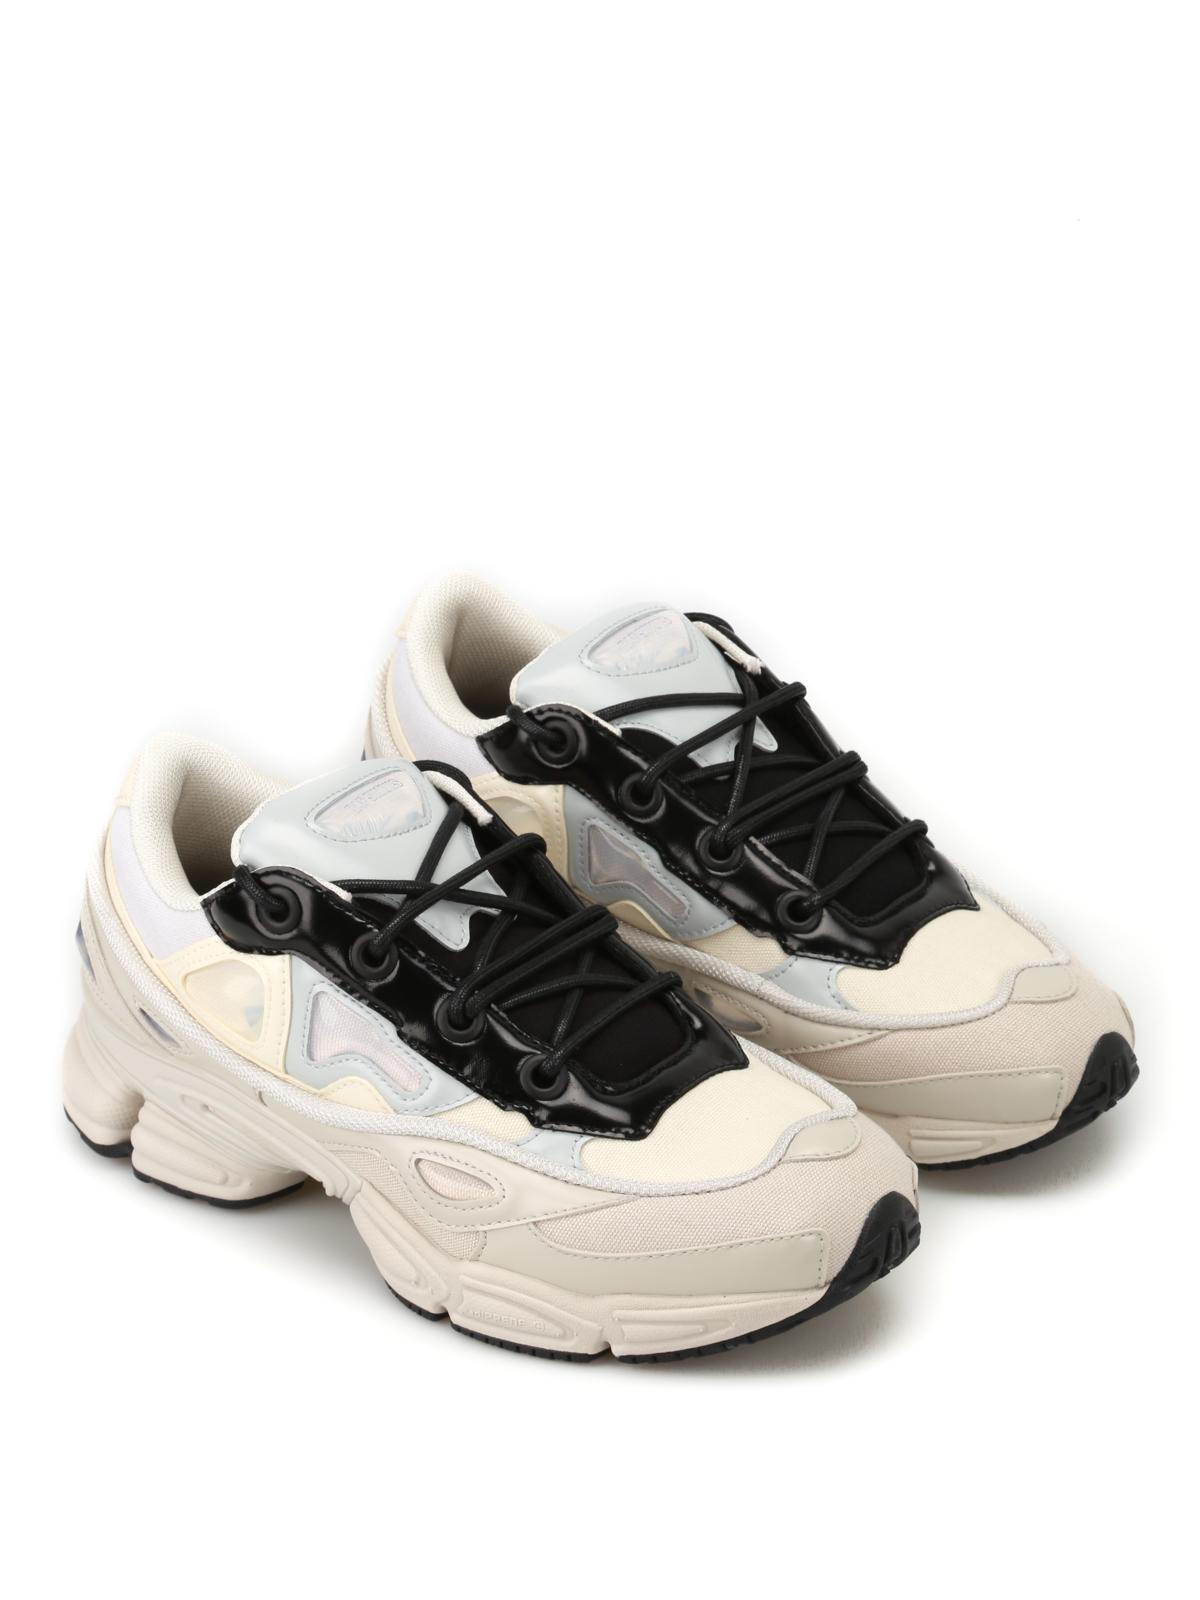 Raf Simons Adidas Ozweego Iii Sneakers Trainers